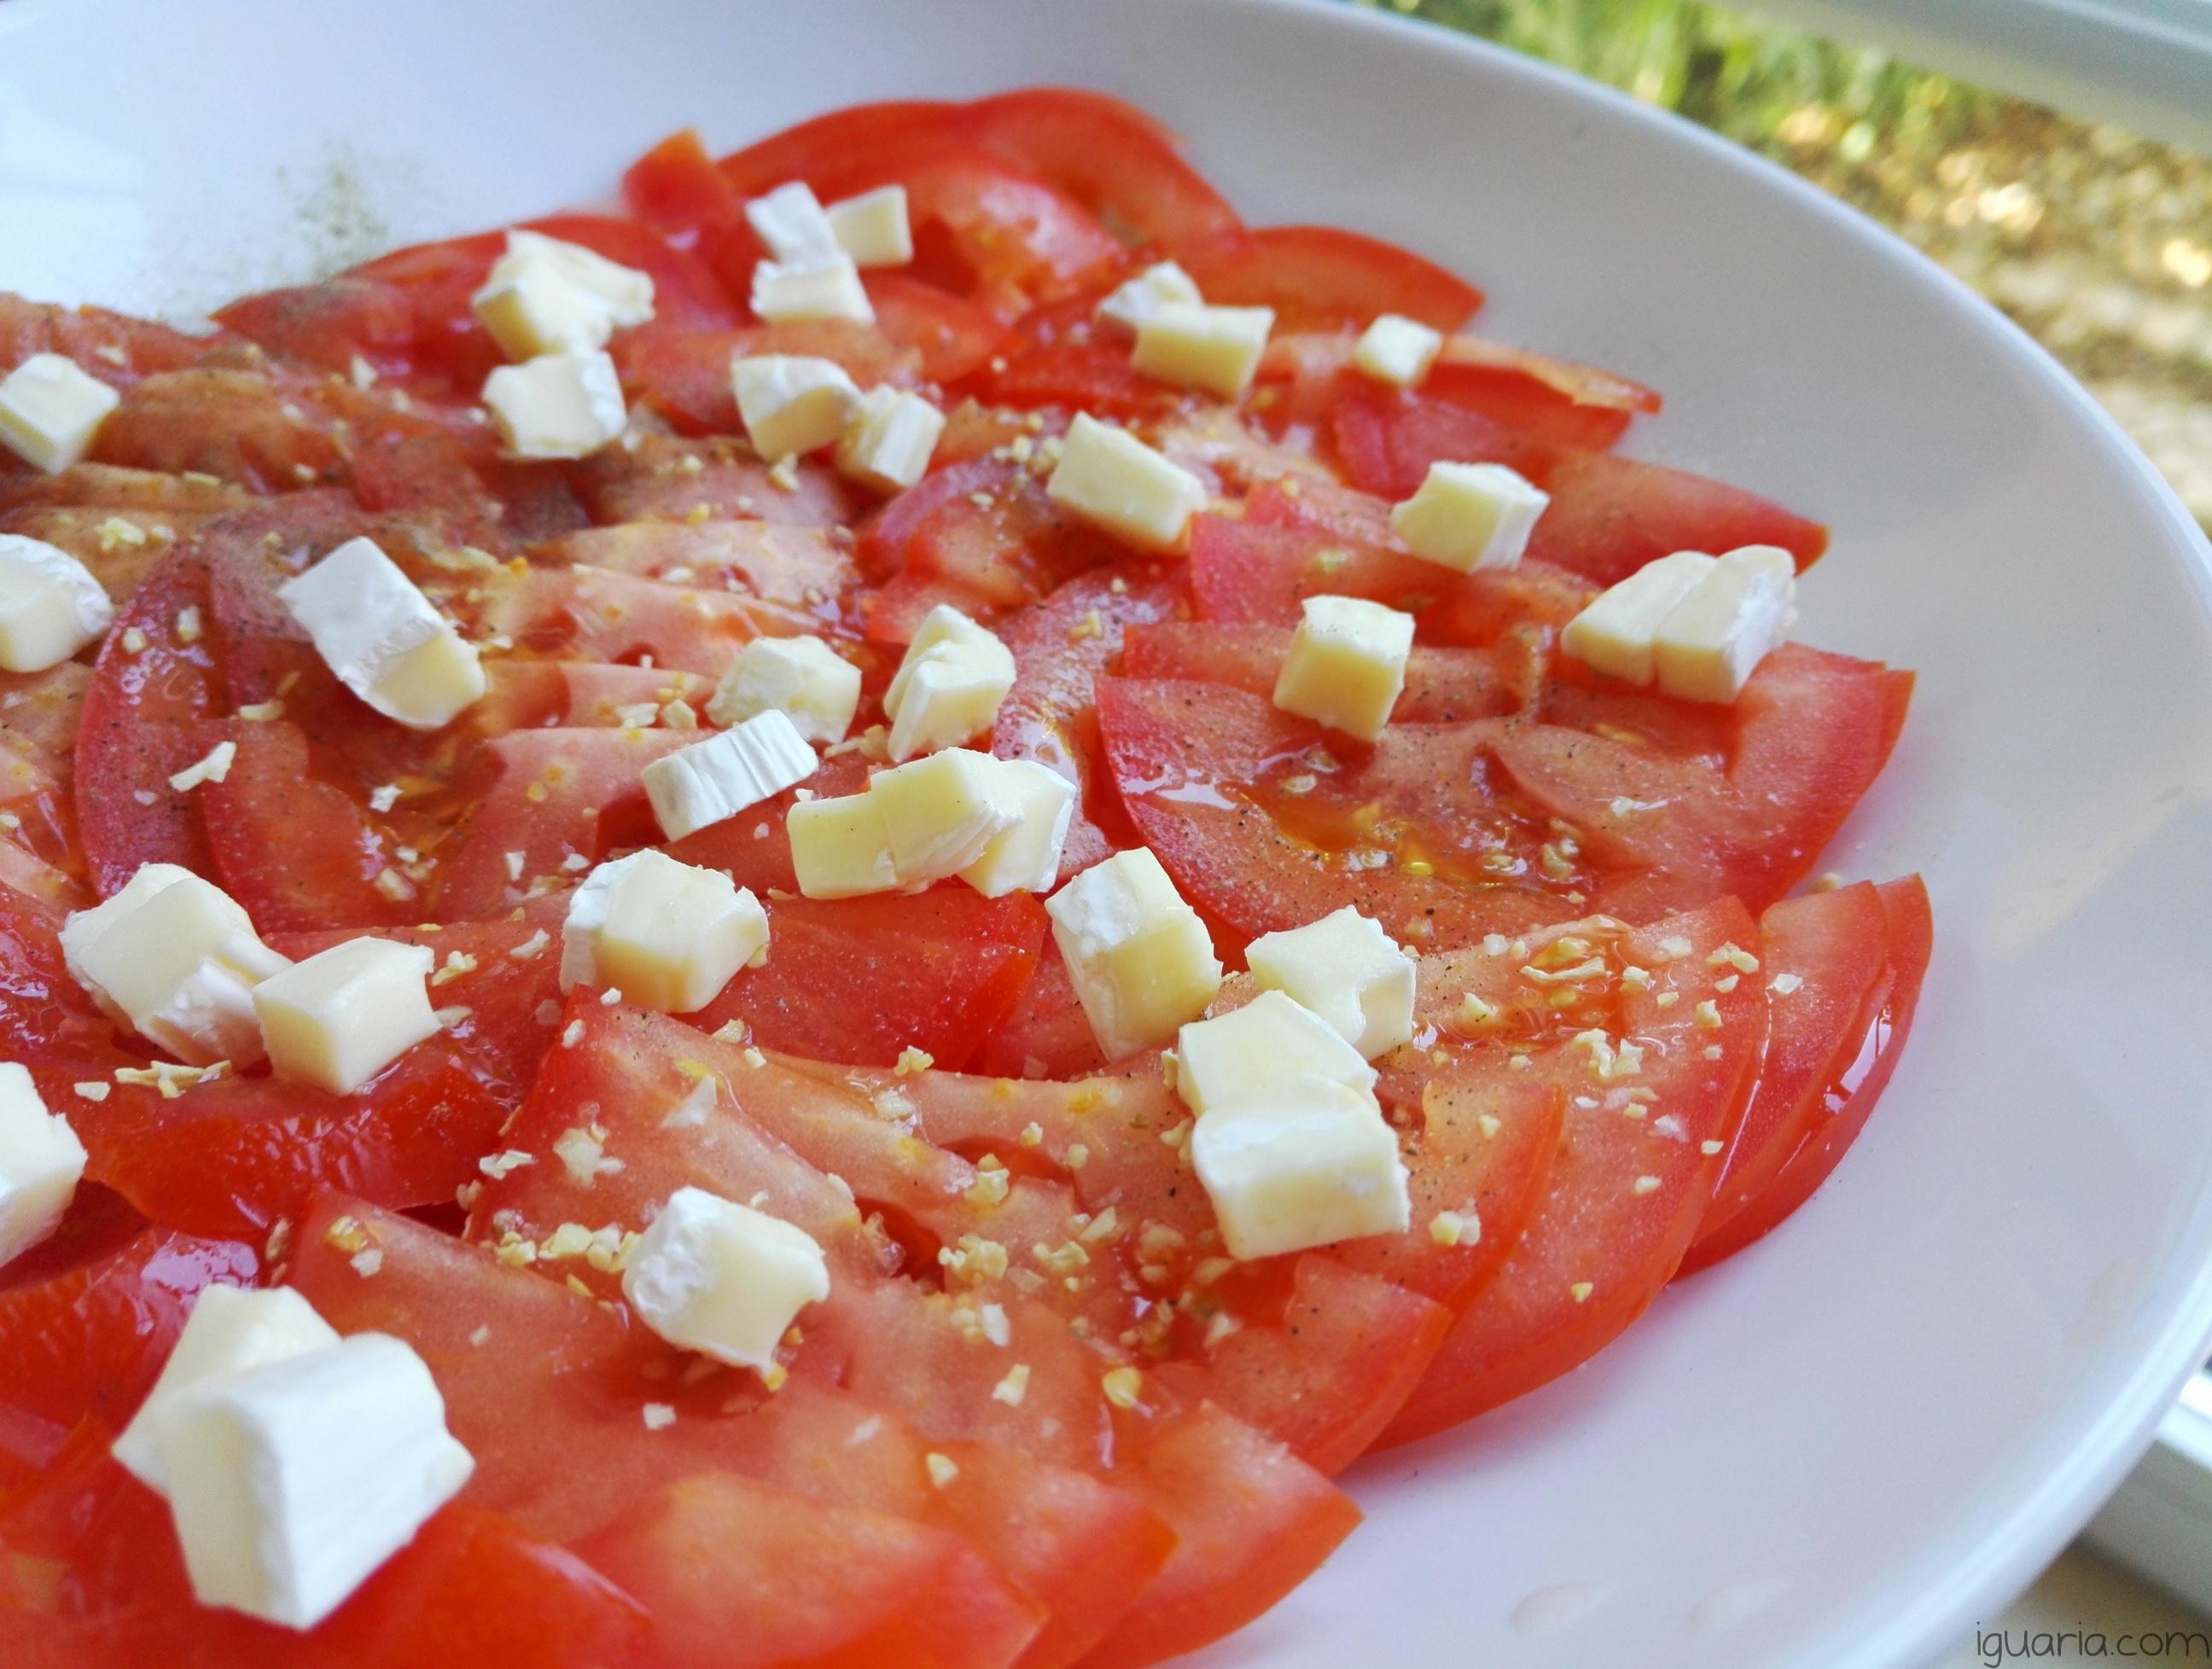 Iguaria_Salada-de-Tomate-e-Quejio-Brie